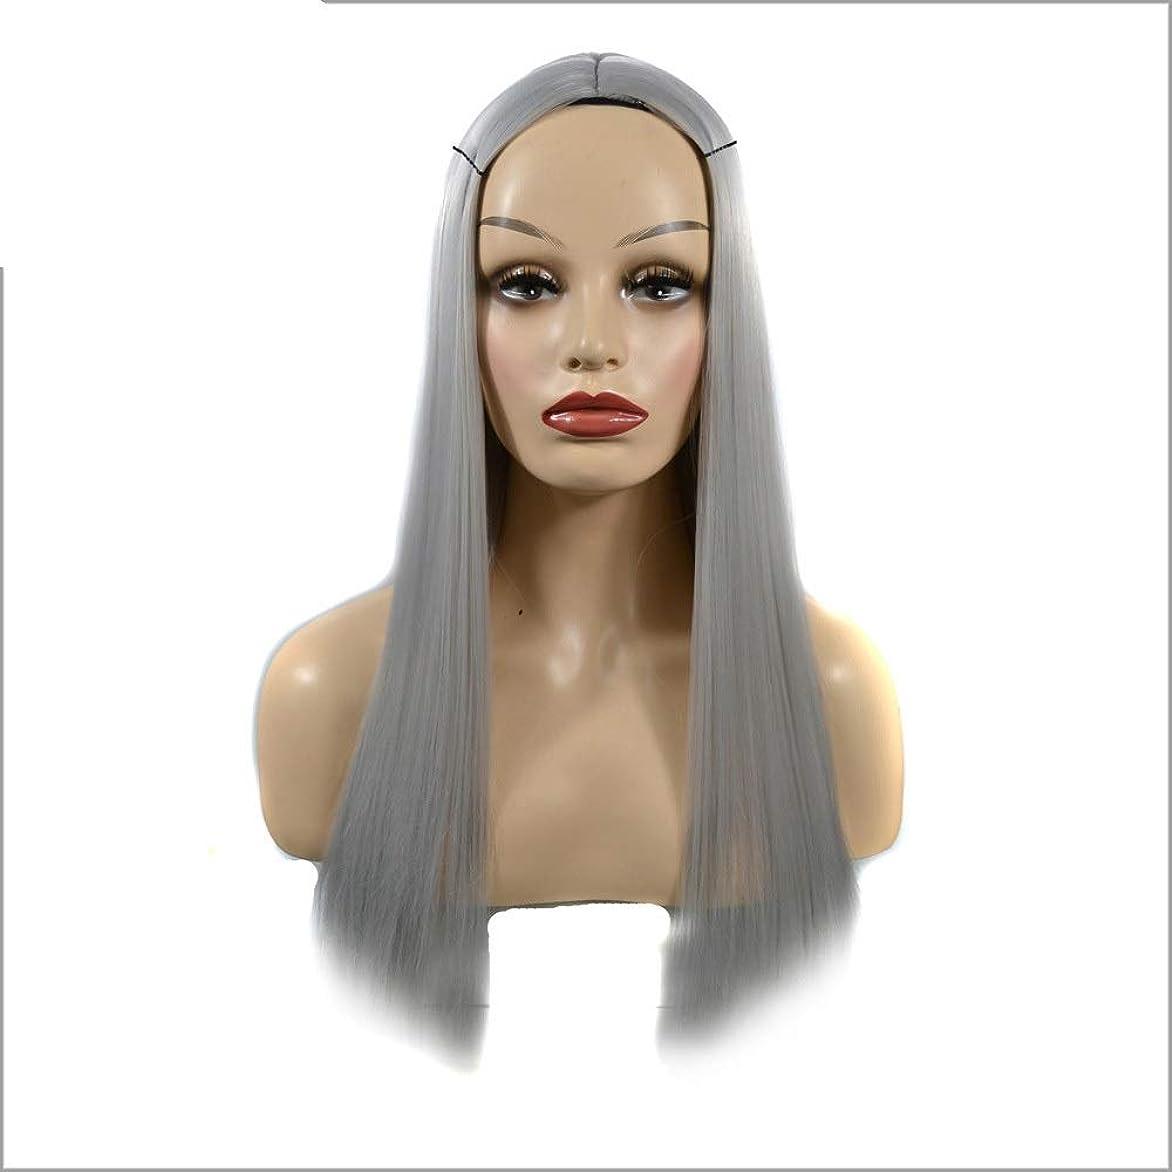 翻訳ピルファー請負業者BOBIDYEE オンブルシルバーグレーウィッグロングストレート合成かつら女性用耐熱フルウィッグパーティーウィッグ (色 : Silver Grey, サイズ : 60cm)